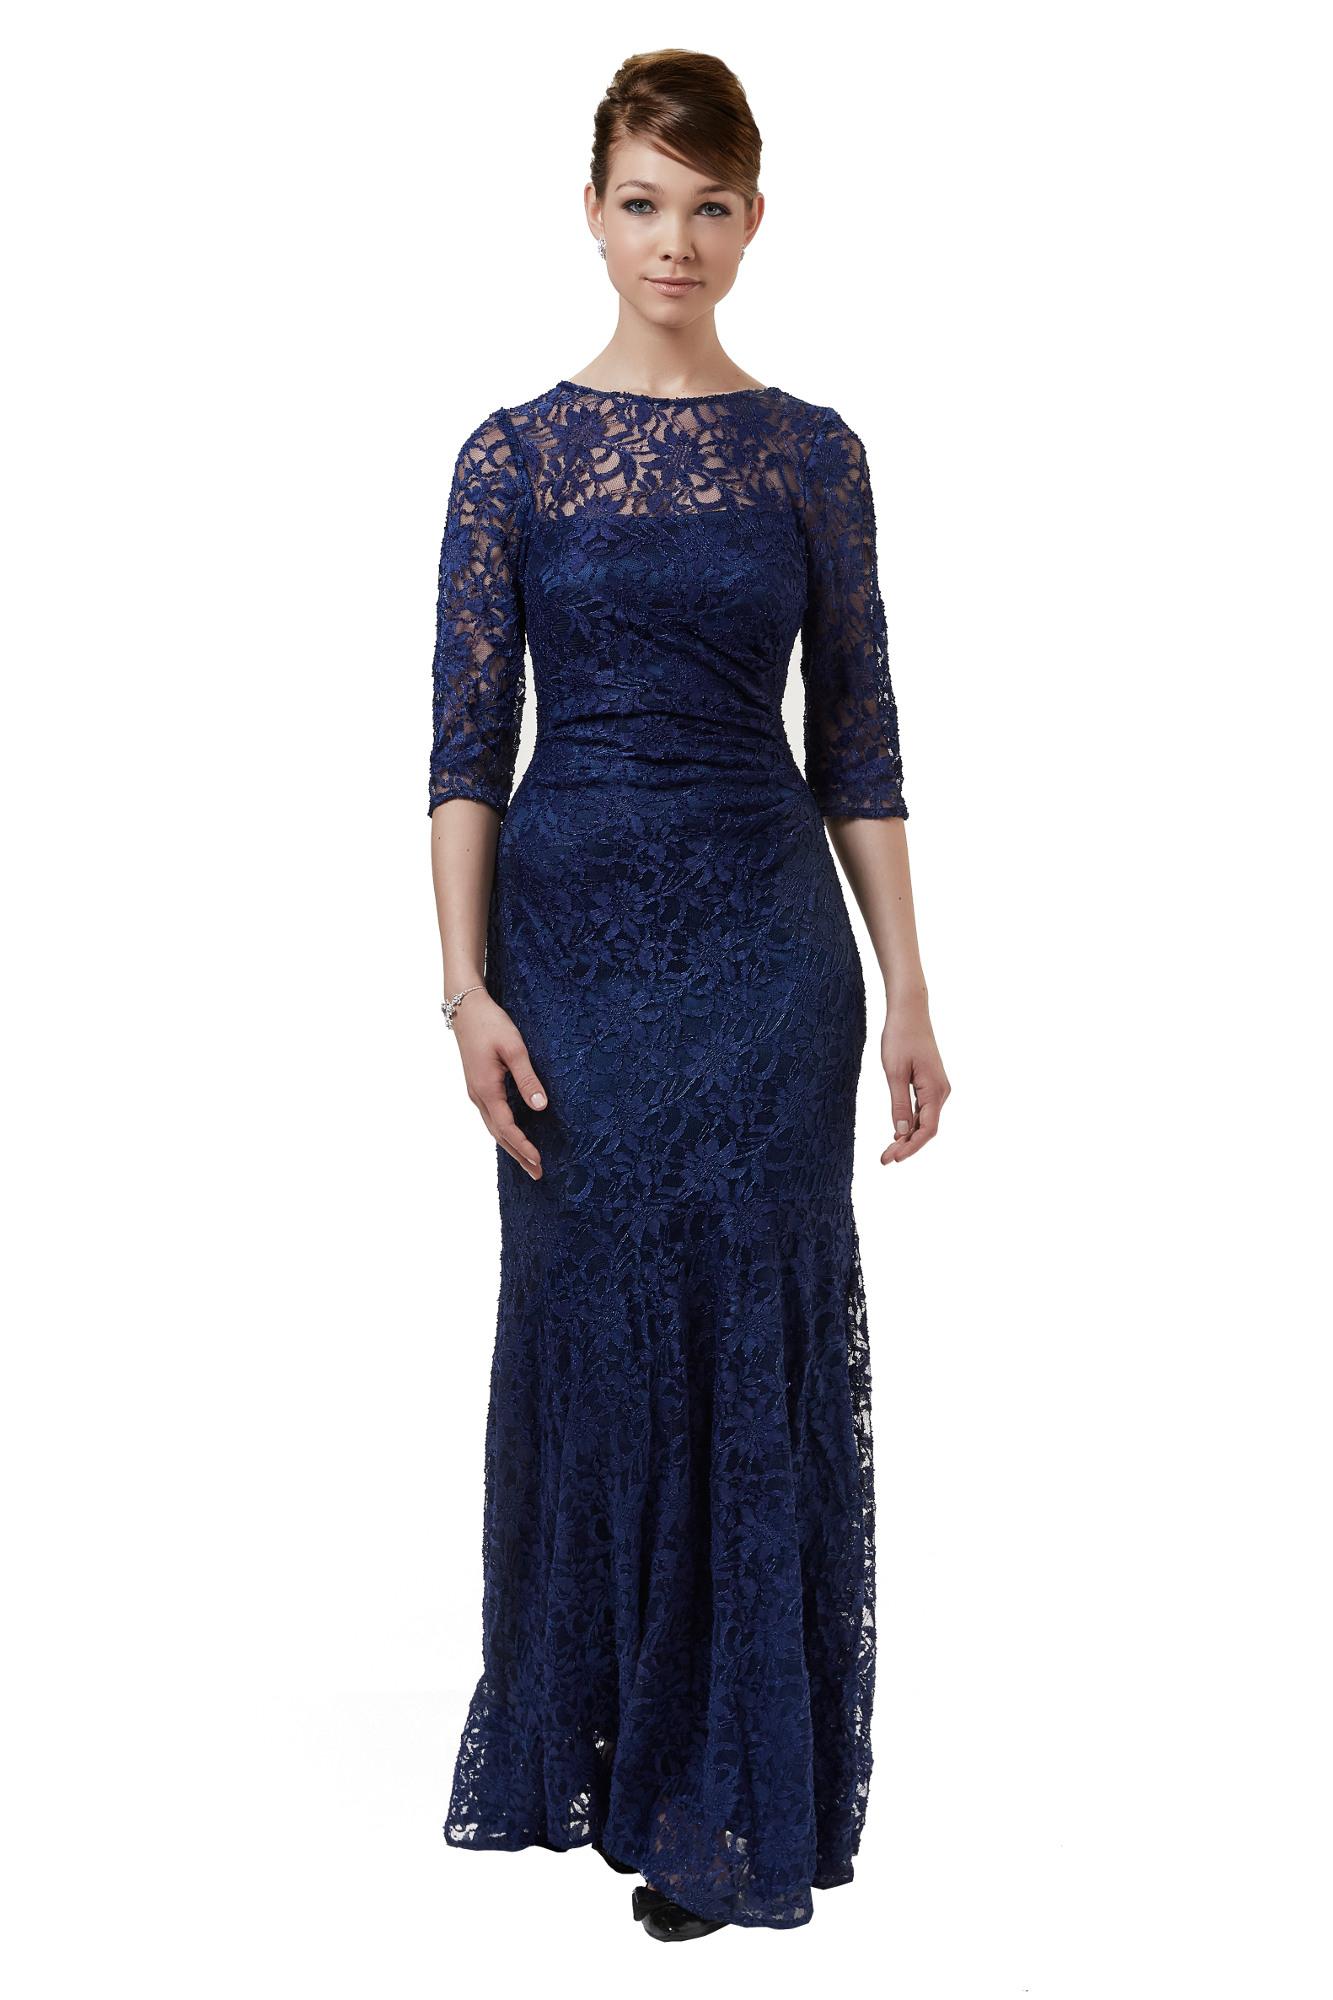 Coolste Abend Kleid Mit Spitze DesignFormal Genial Abend Kleid Mit Spitze Spezialgebiet